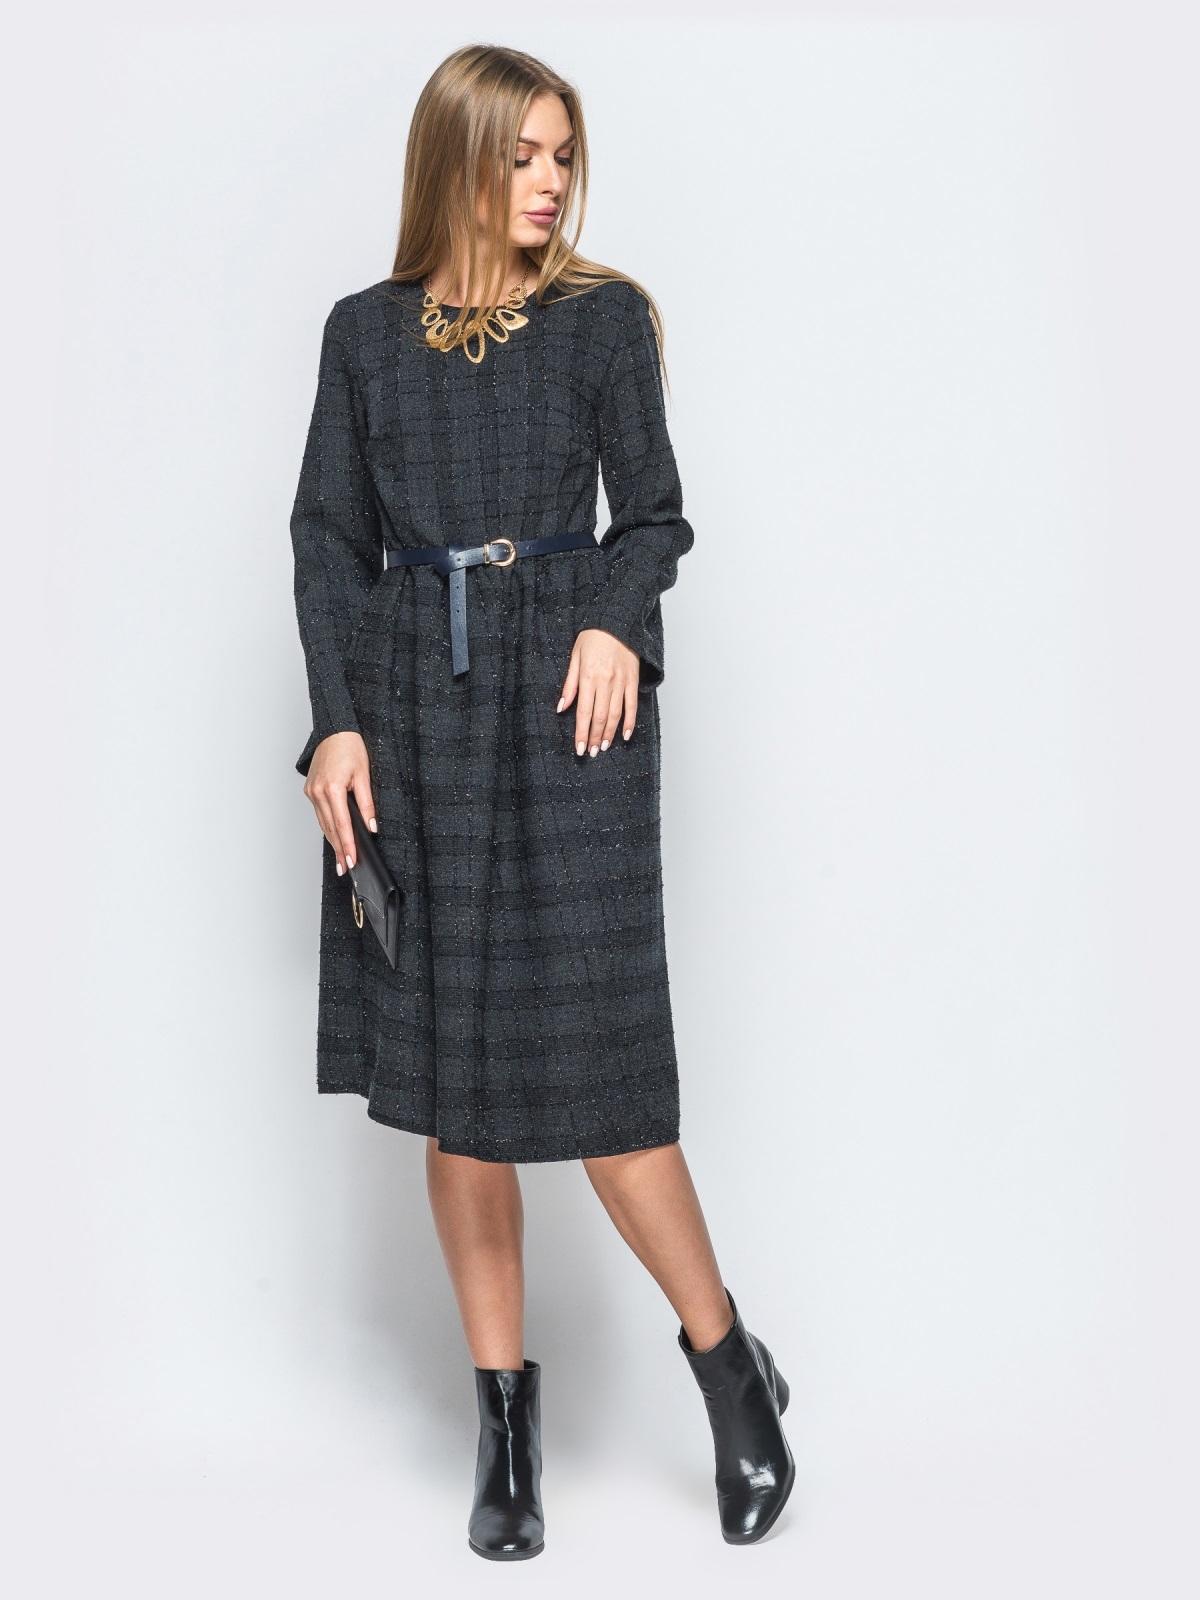 Платье из костюмной ткани с мягкими складками на юбке - 17468, фото 1 – интернет-магазин Dressa